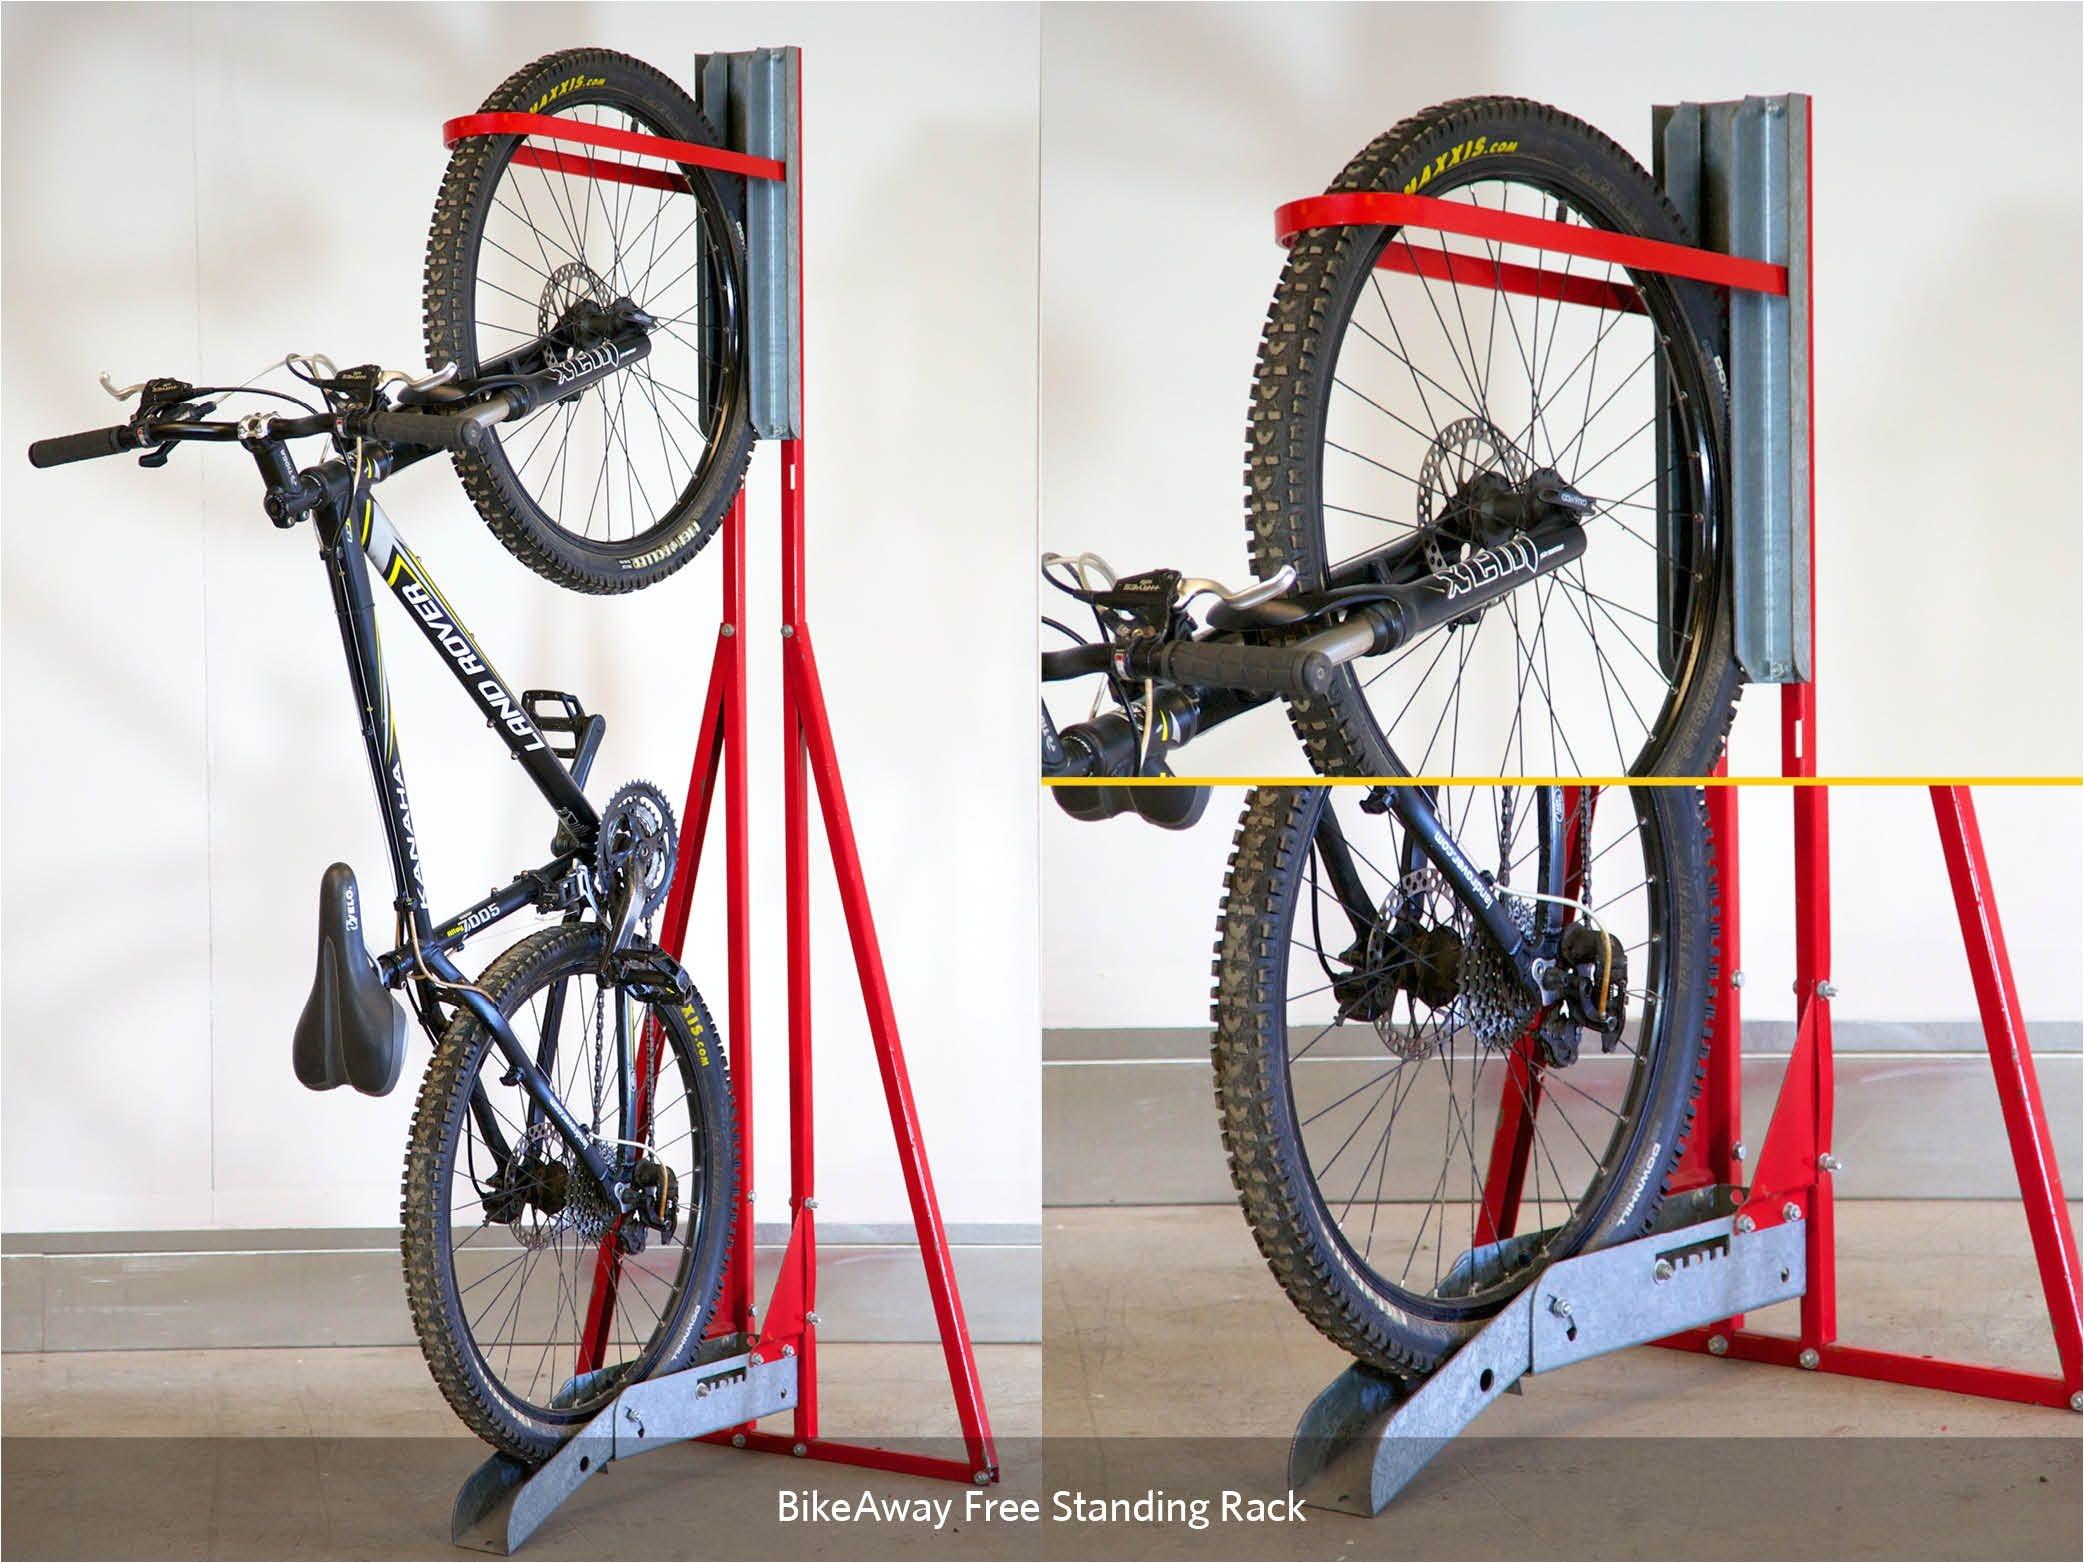 bikeaway free standing rack cycle works limited bike lockers bike storage bike sheds